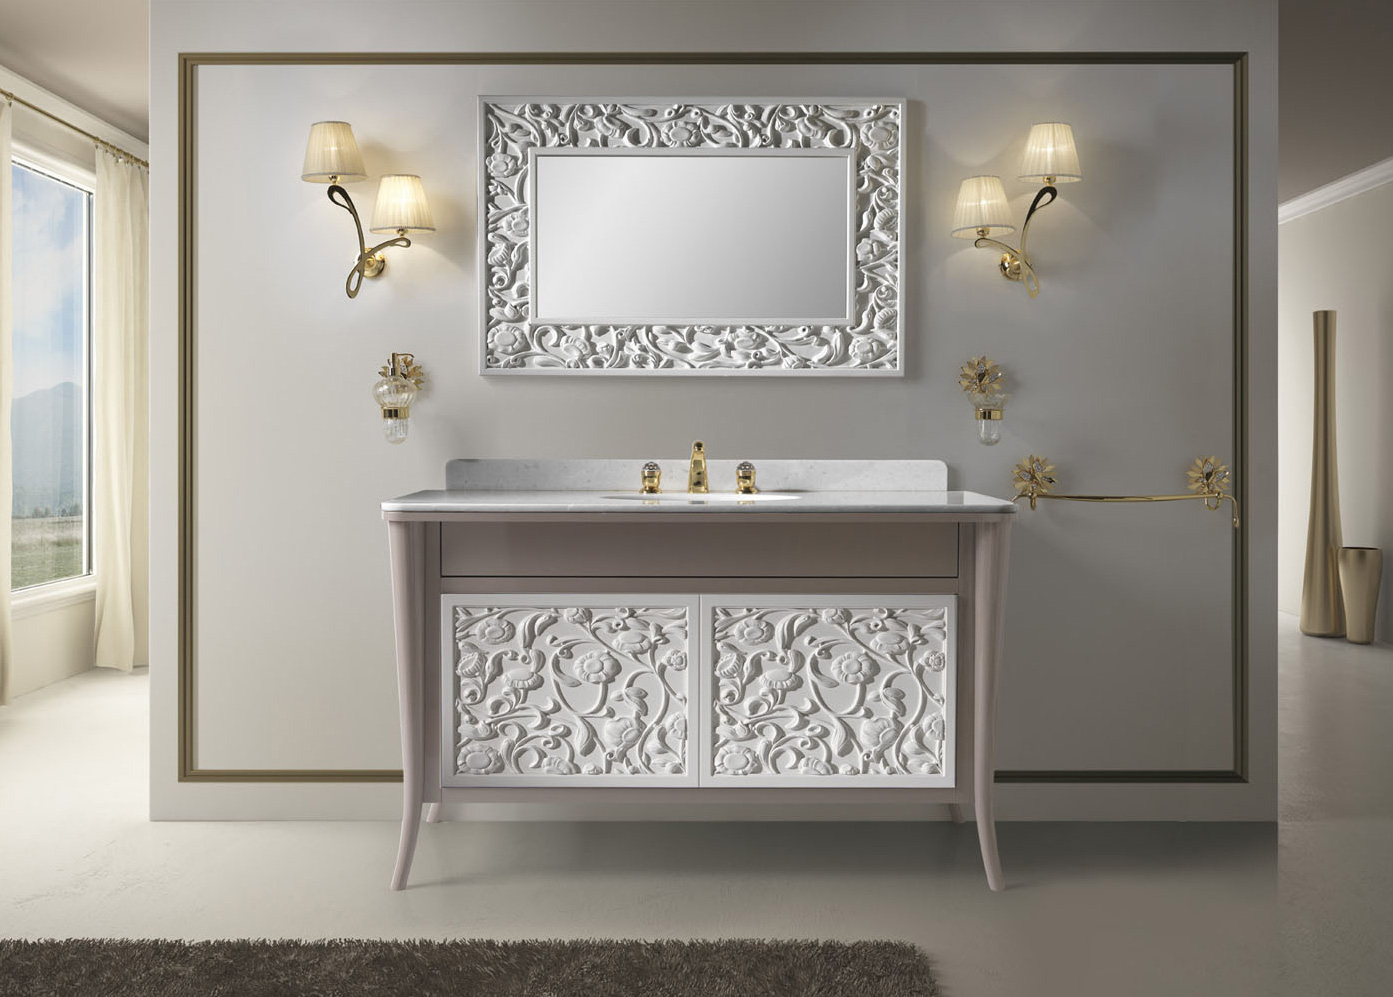 Серая мебель с оригинальными покрытиями